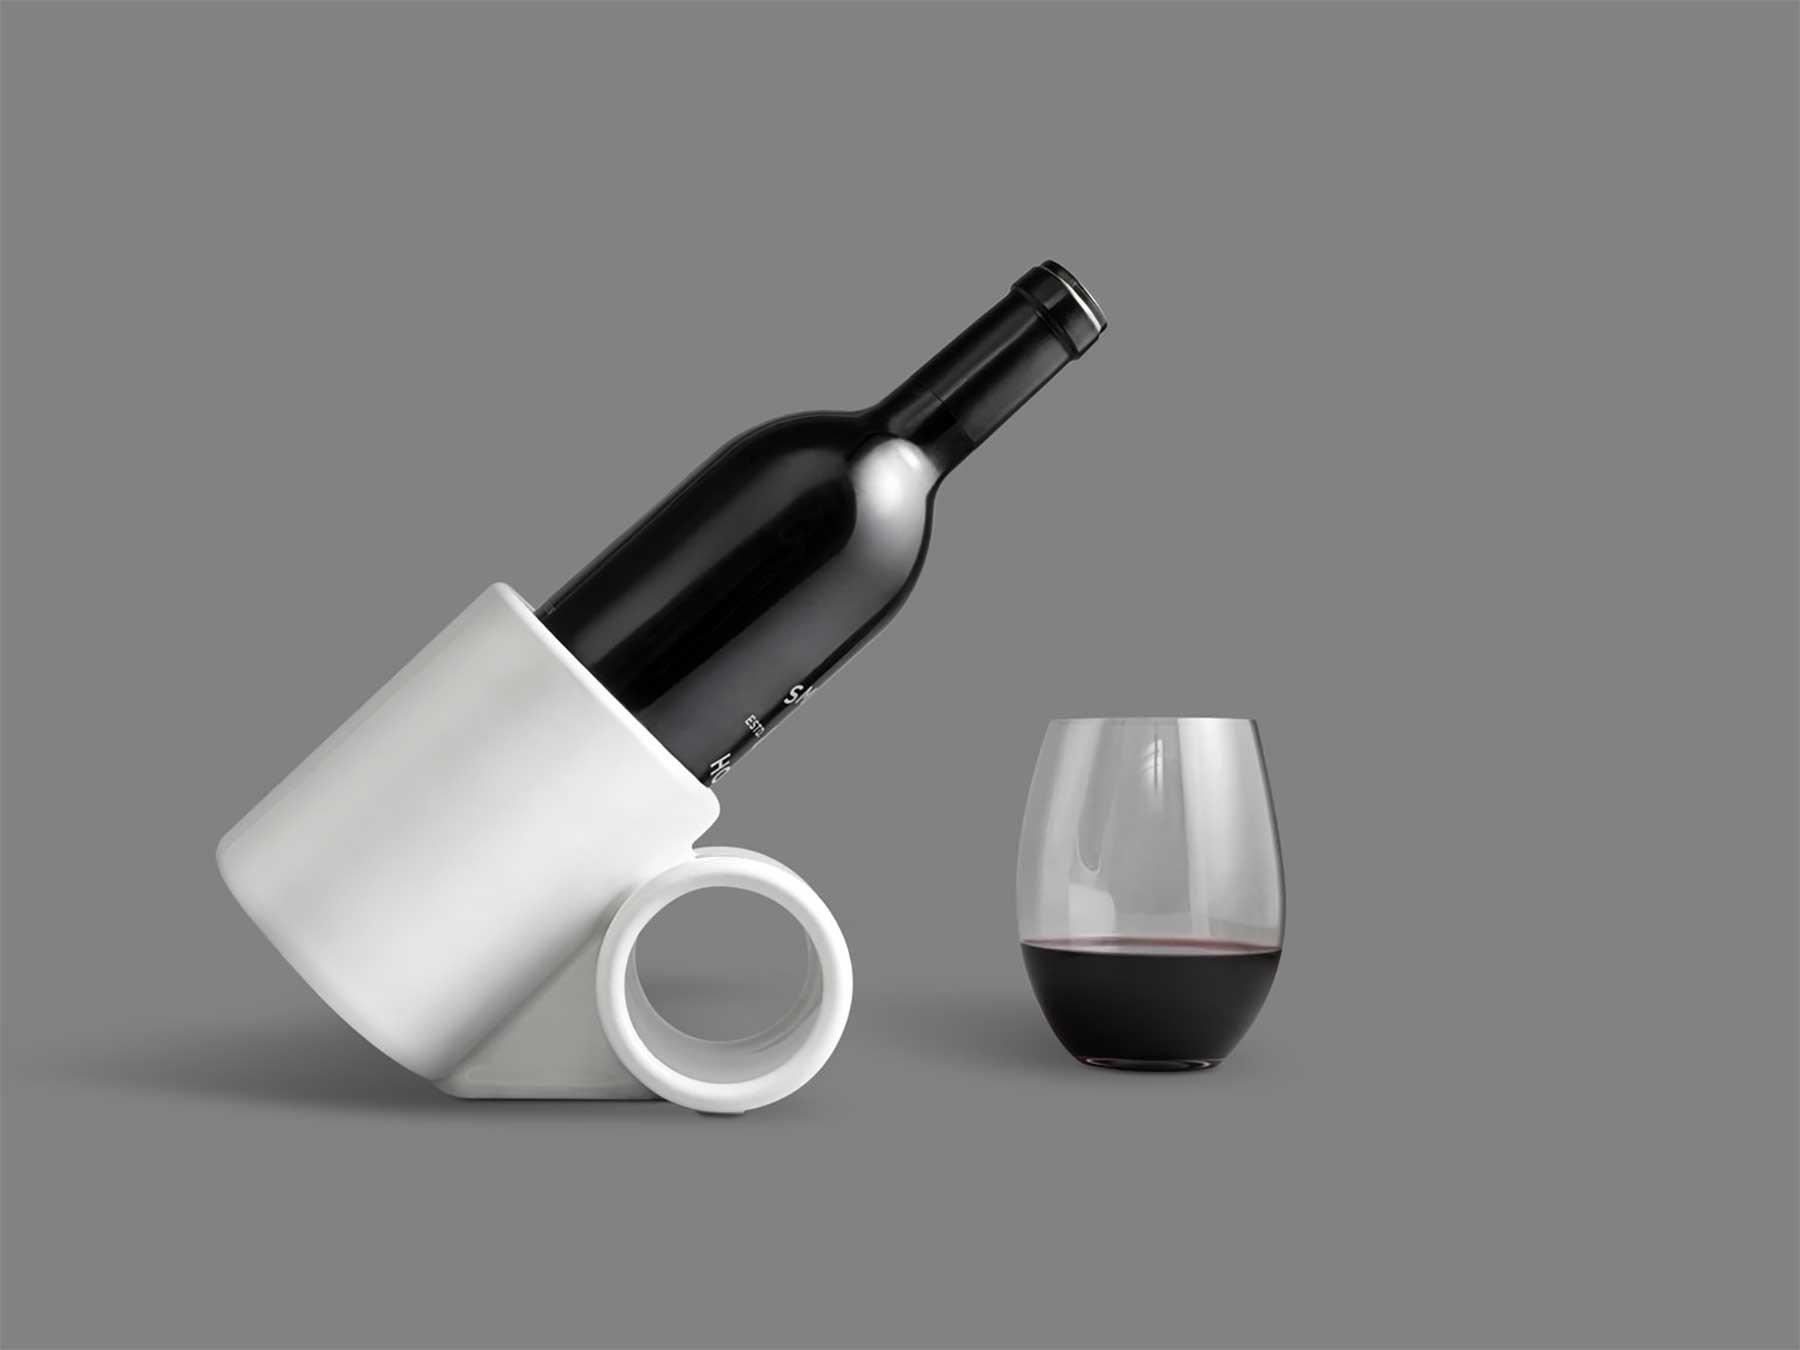 Minimalistisches Alltags-Design: OTHR OTHR-design_09